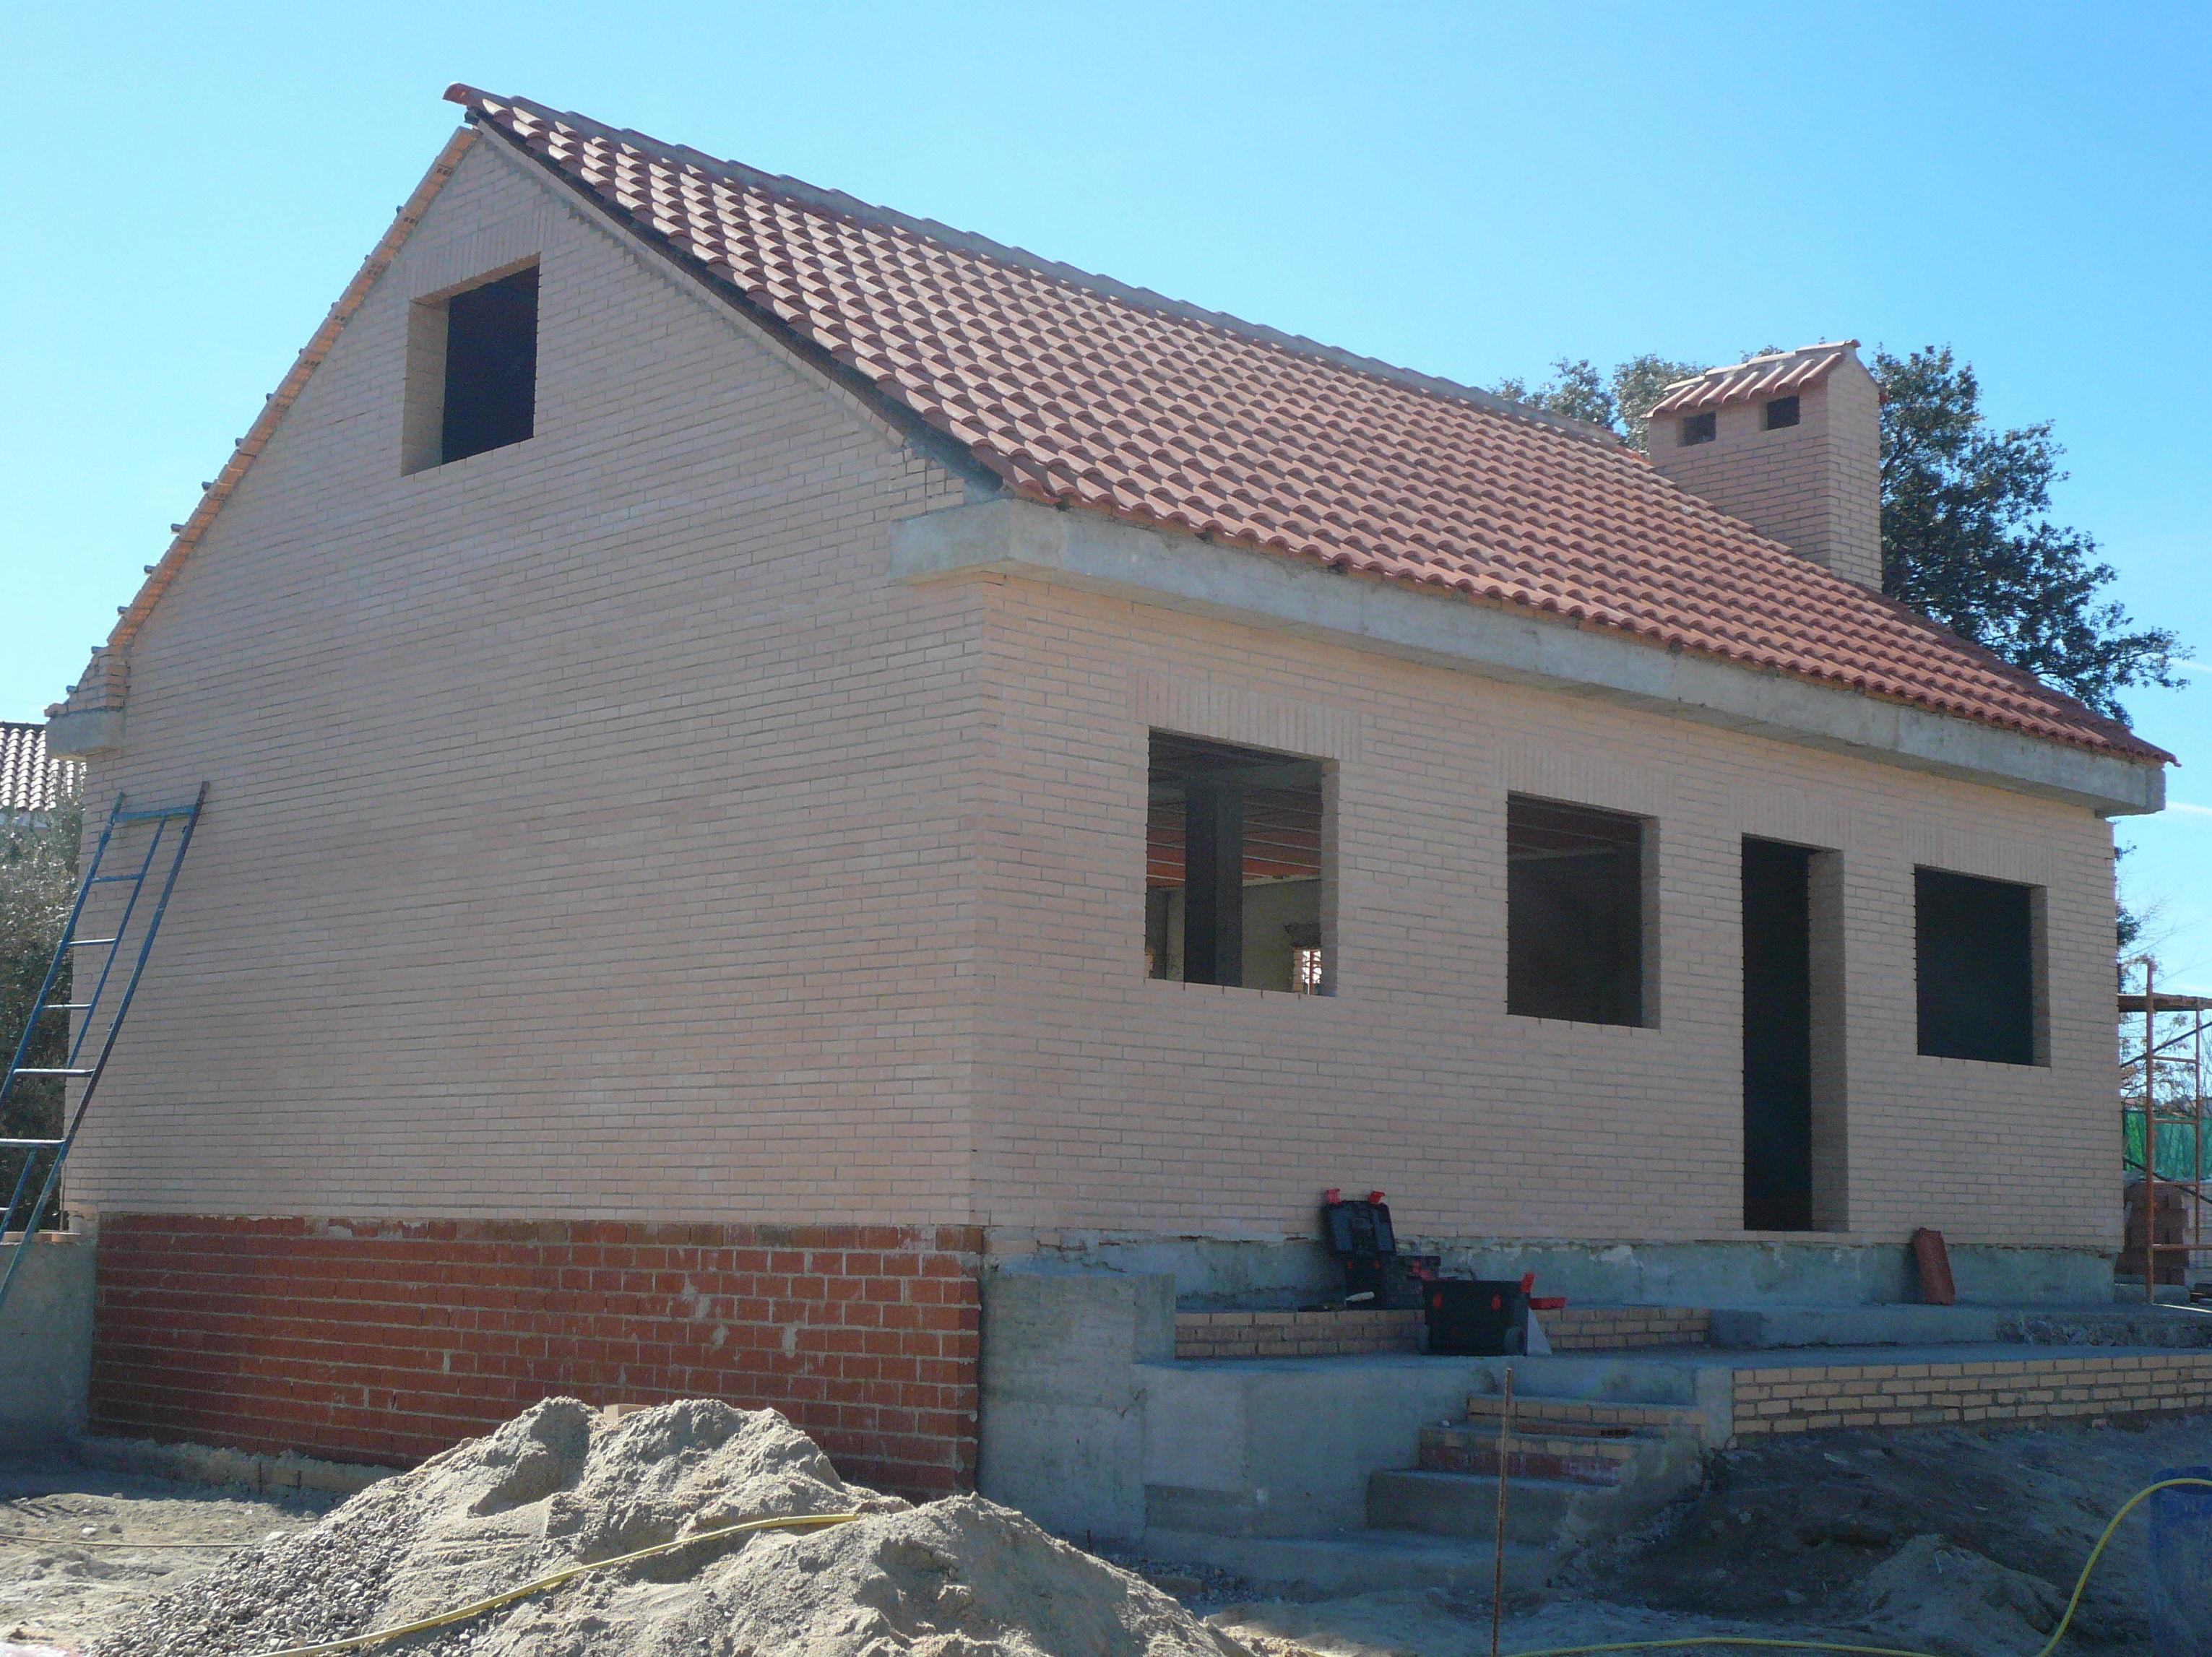 Foto 233 de Empresas de construcción en El casar de Escalona | Bracamonte Viviendas, S.L.